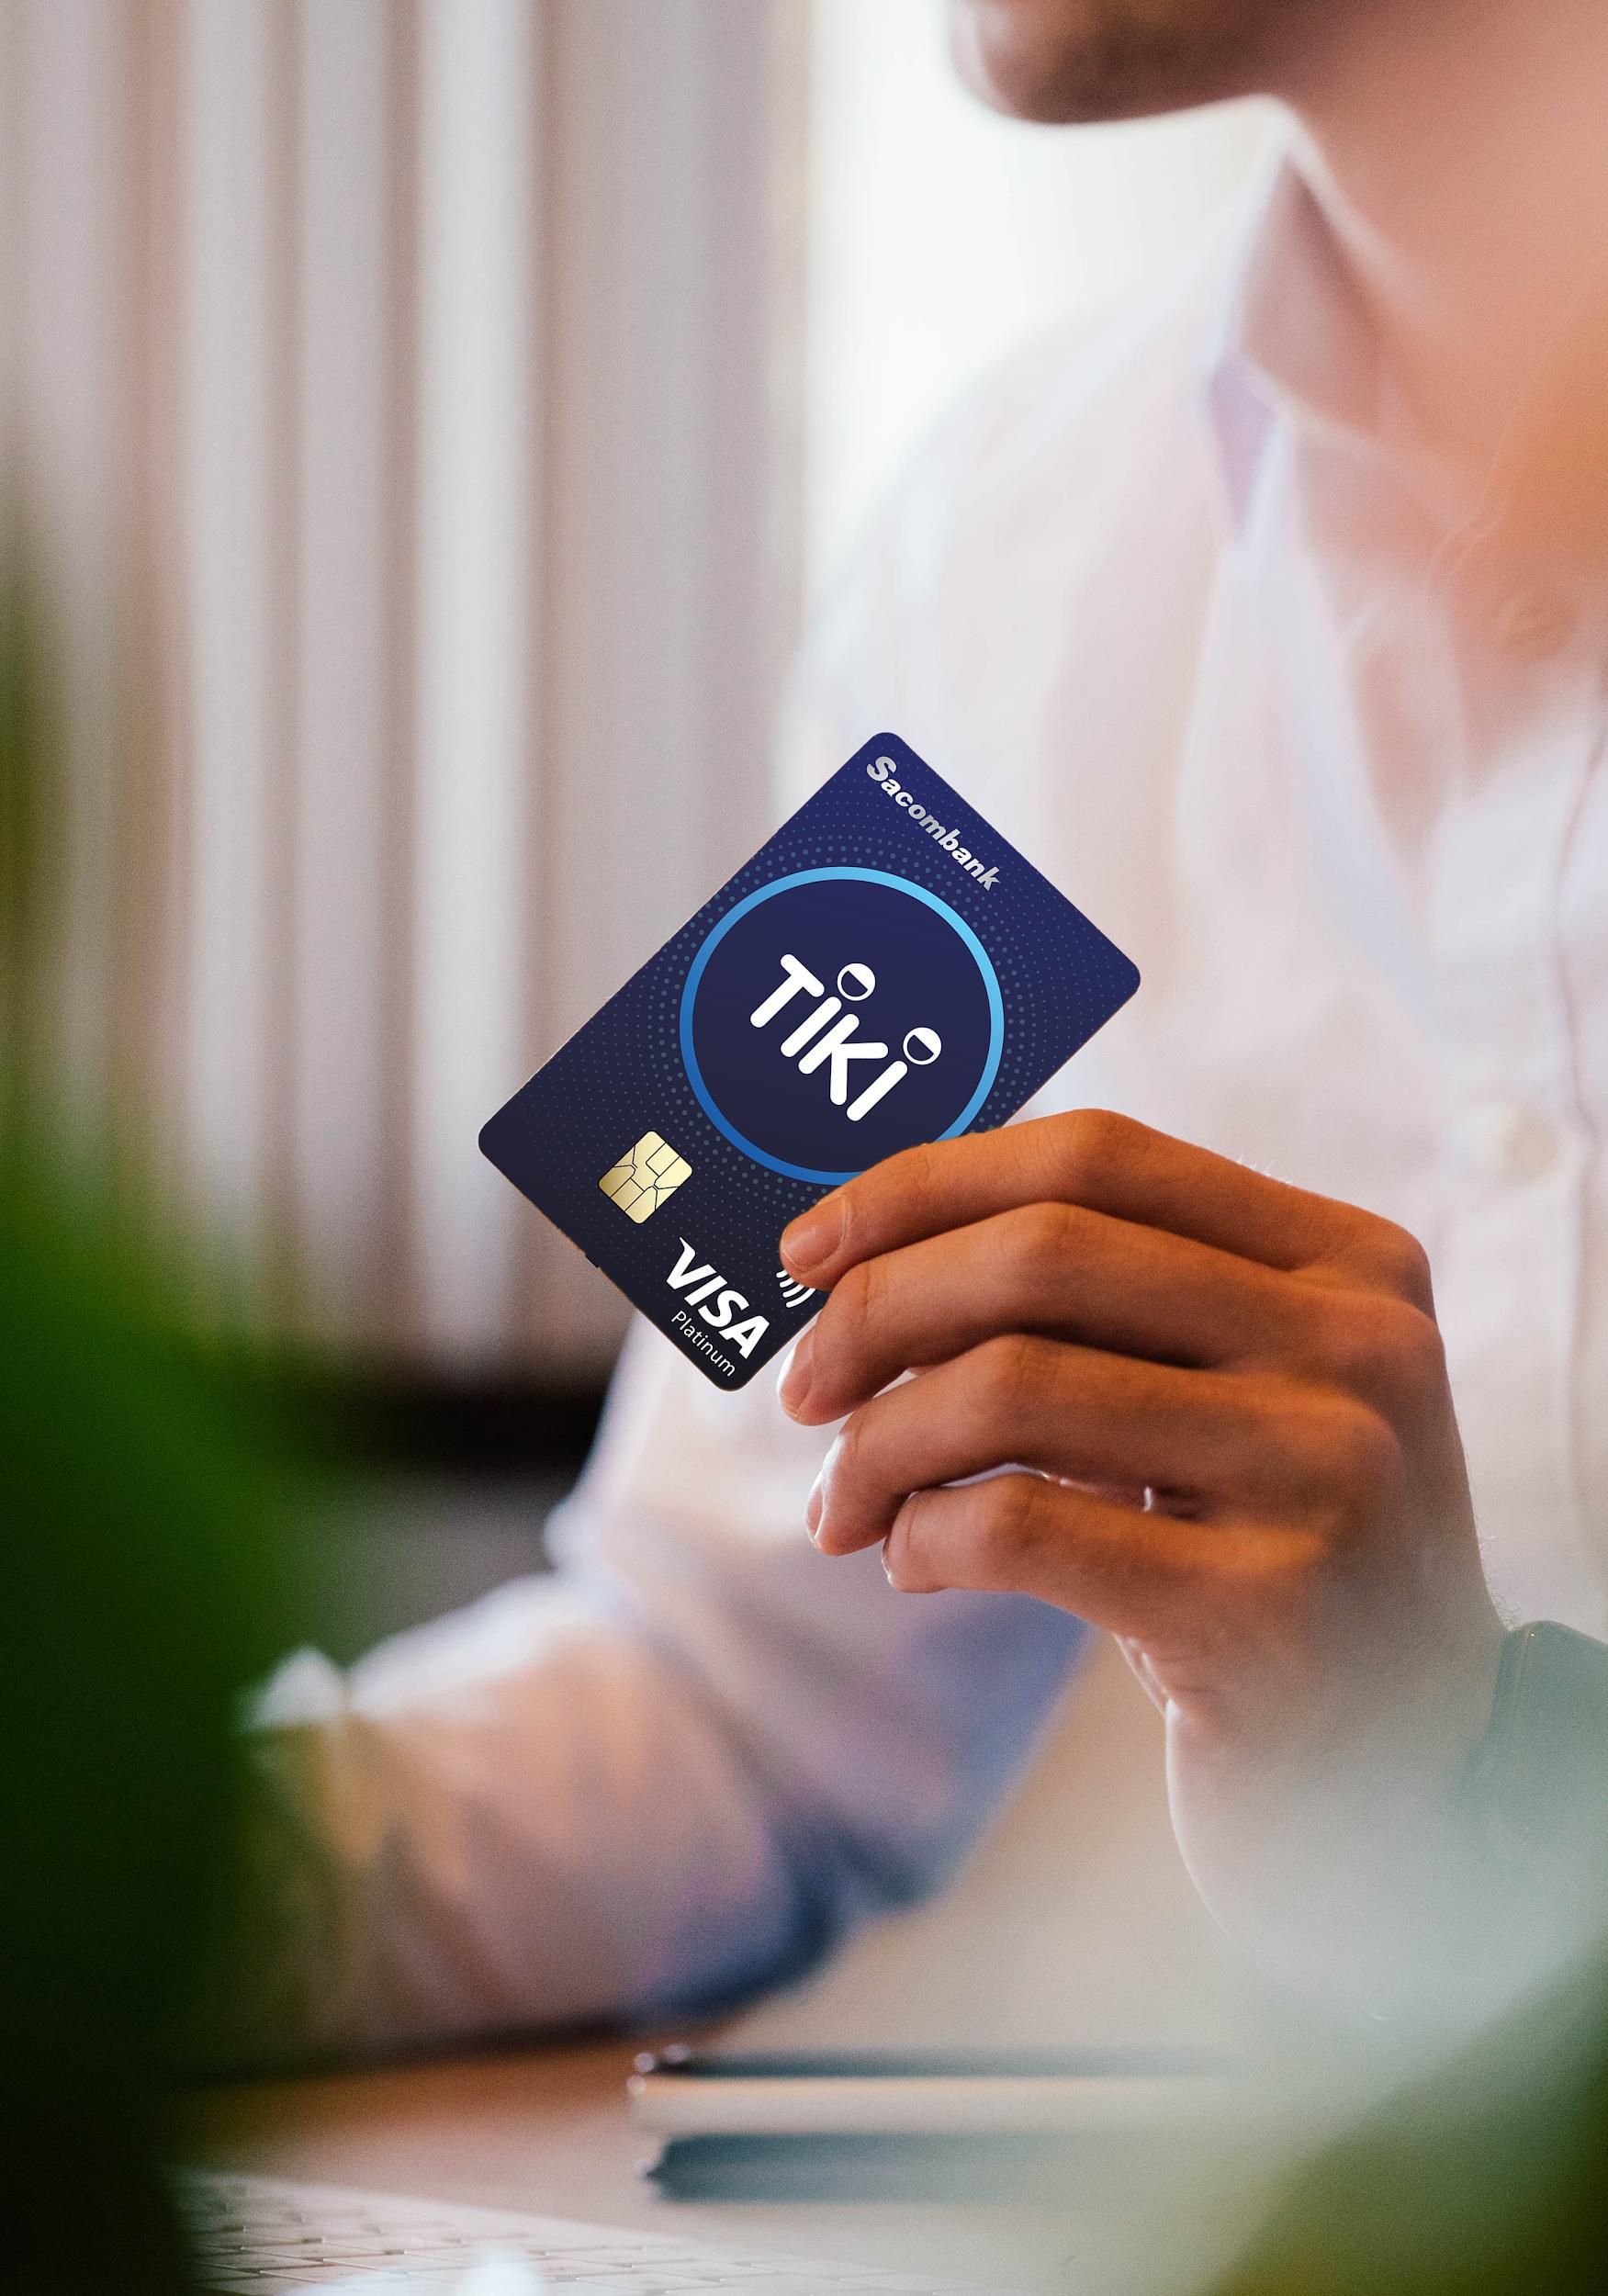 Nếu bạn thường chọn COD khi mua hàng online, thực hiện ngay bước này để nhận thêm coupon 50K - Ảnh 2.